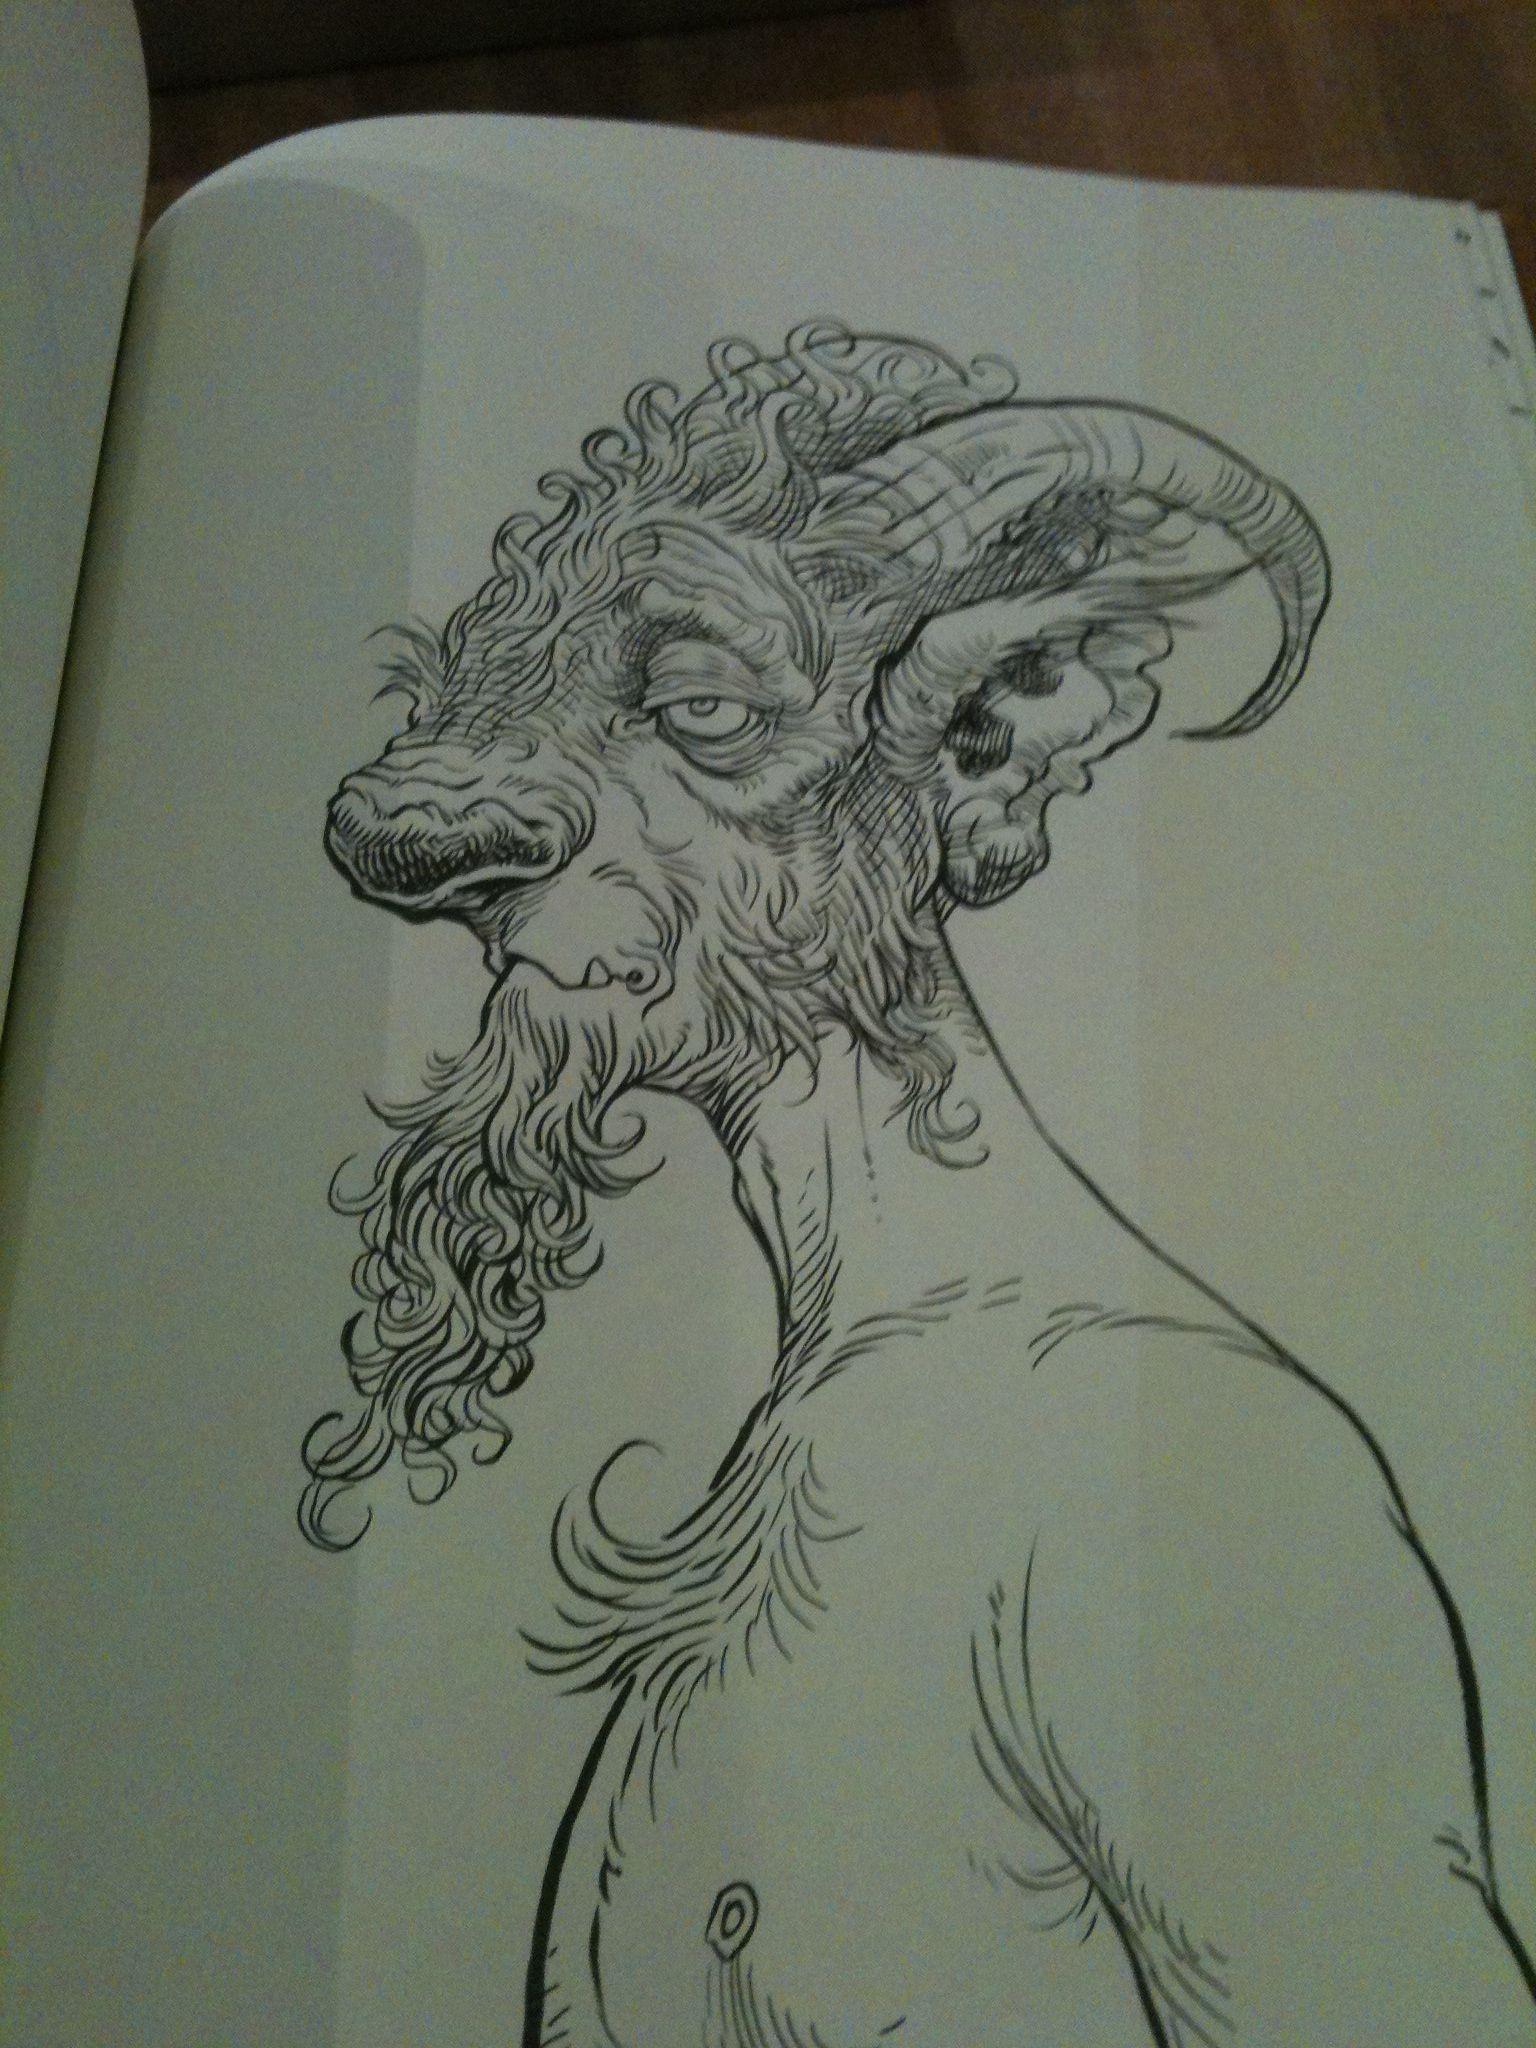 Art from Chris Riddell's notebooks.